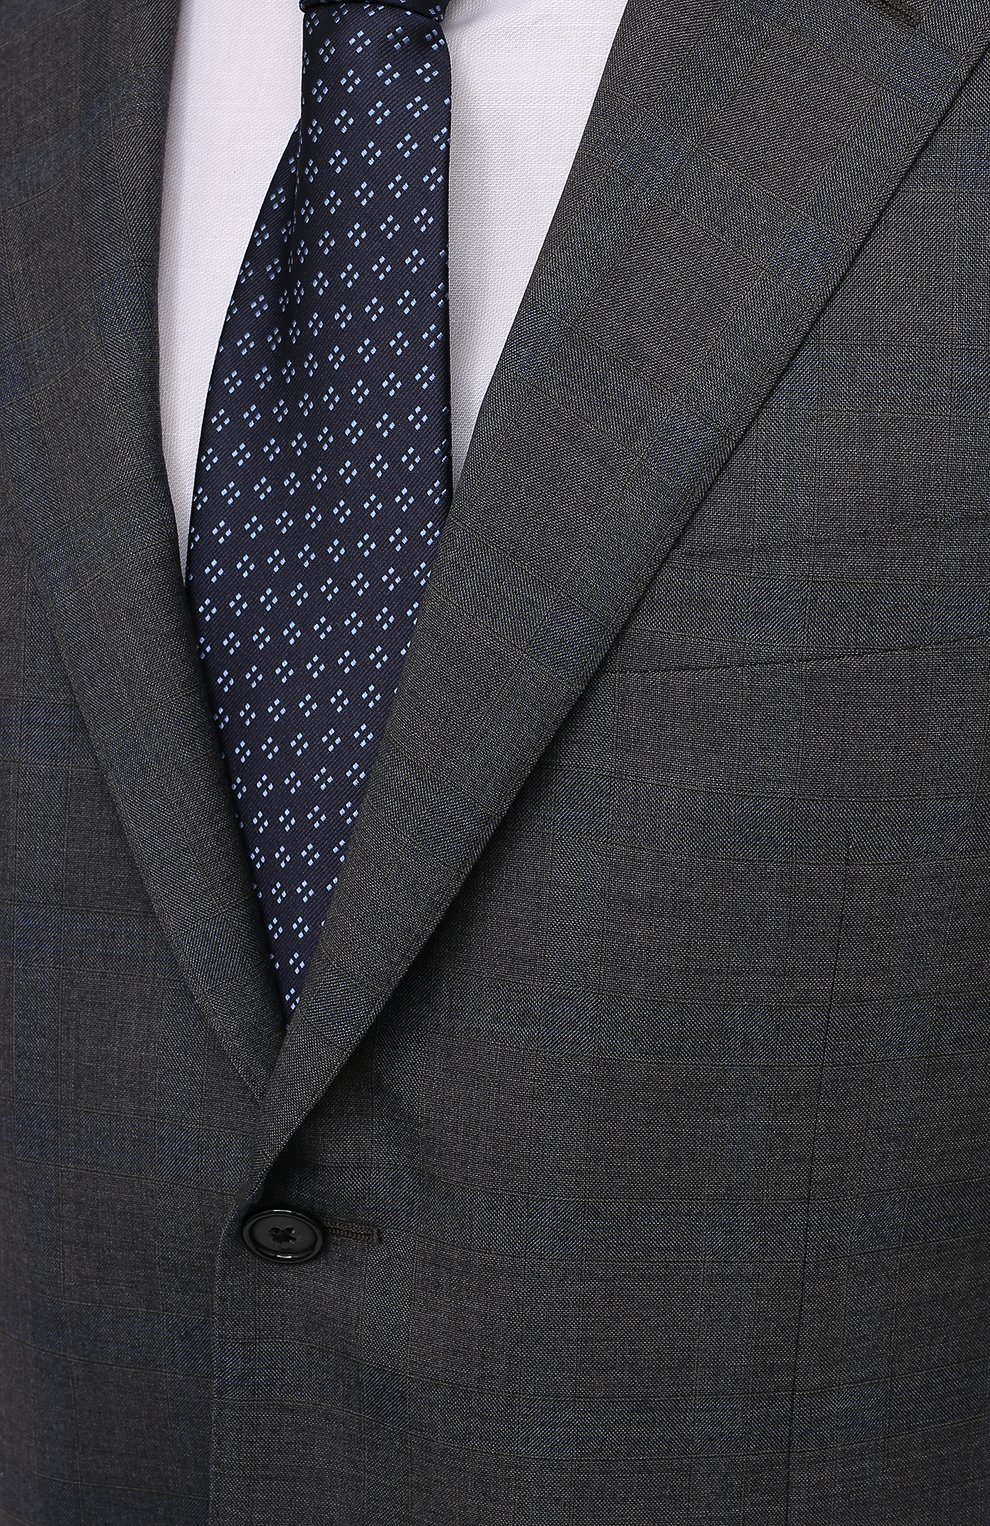 Мужской шерстяной костюм CORNELIANI темно-серого цвета, арт. 877315-1117220/92 Q1   Фото 6 (Материал внешний: Шерсть; Рукава: Длинные; Костюмы М: Однобортный; Стили: Классический; Материал подклада: Купро)